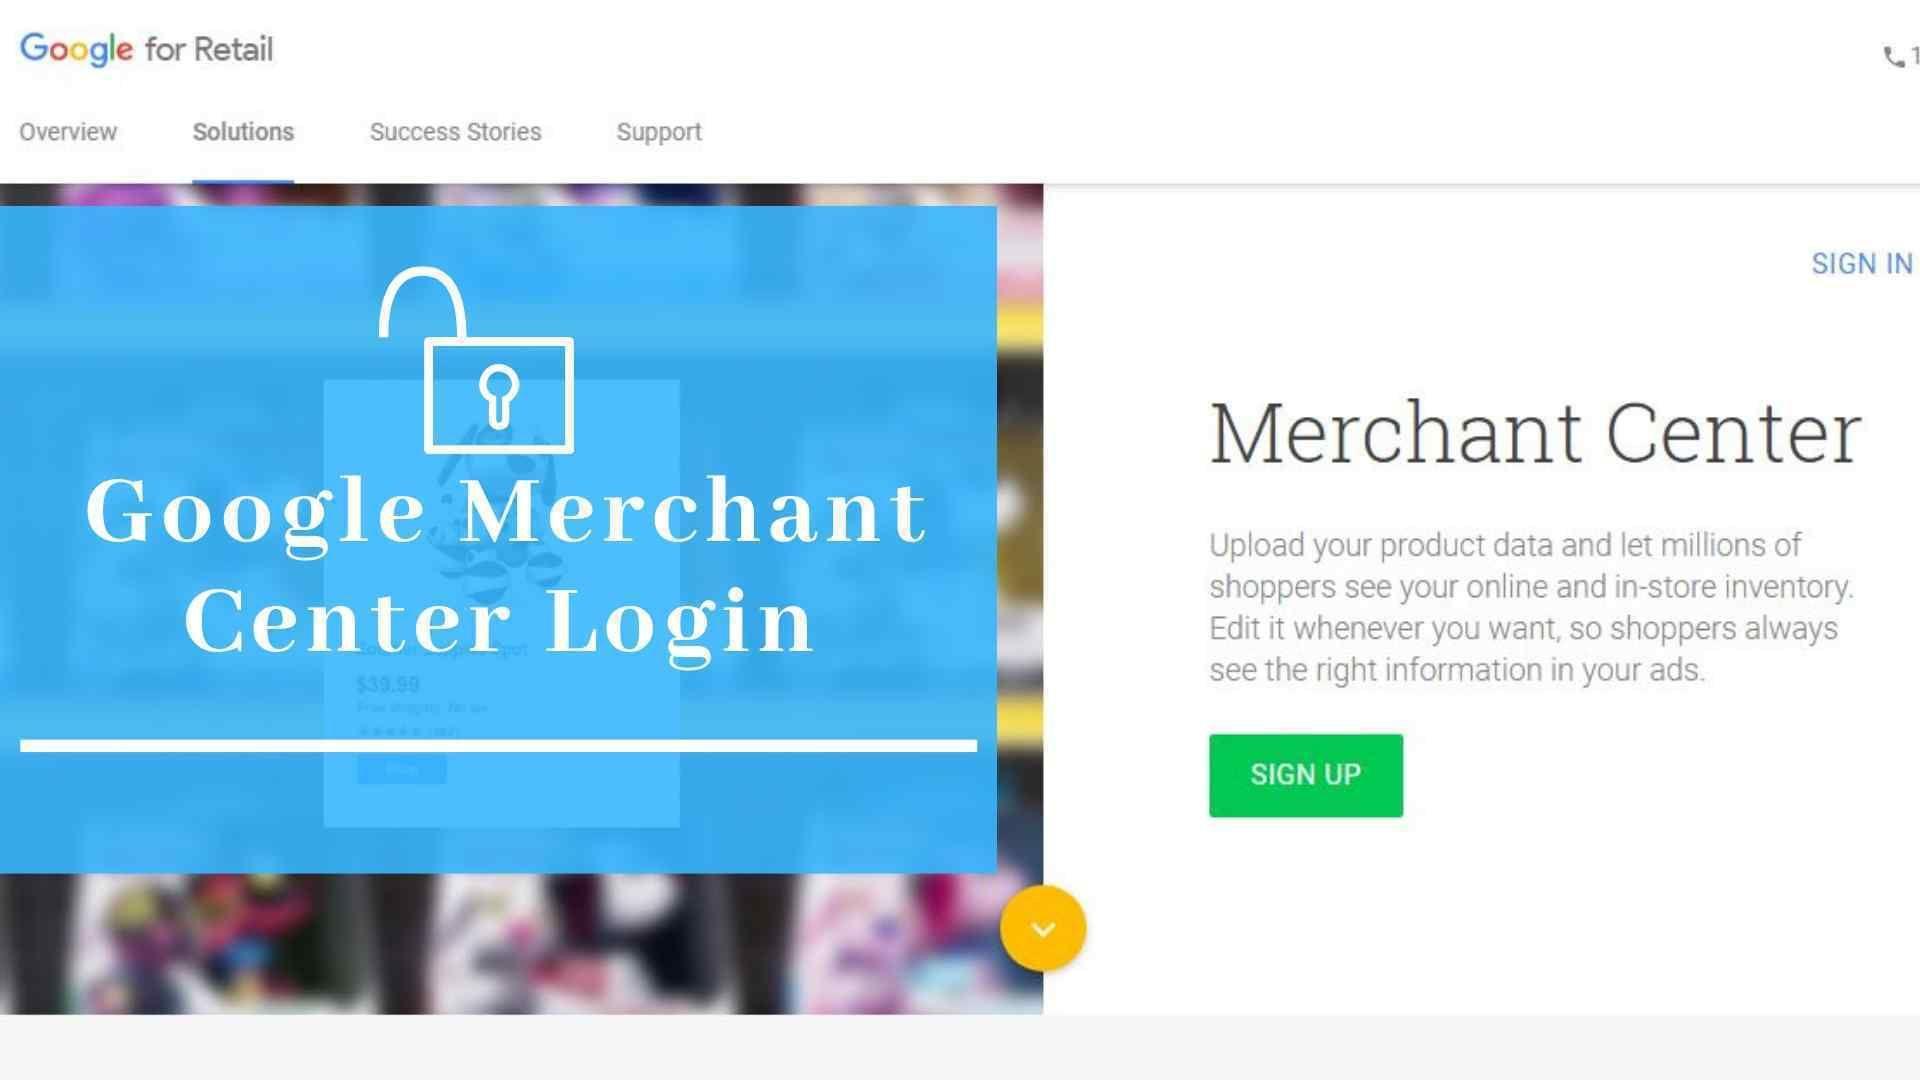 n Google Merchant Center Login, Google Merchant Center is a